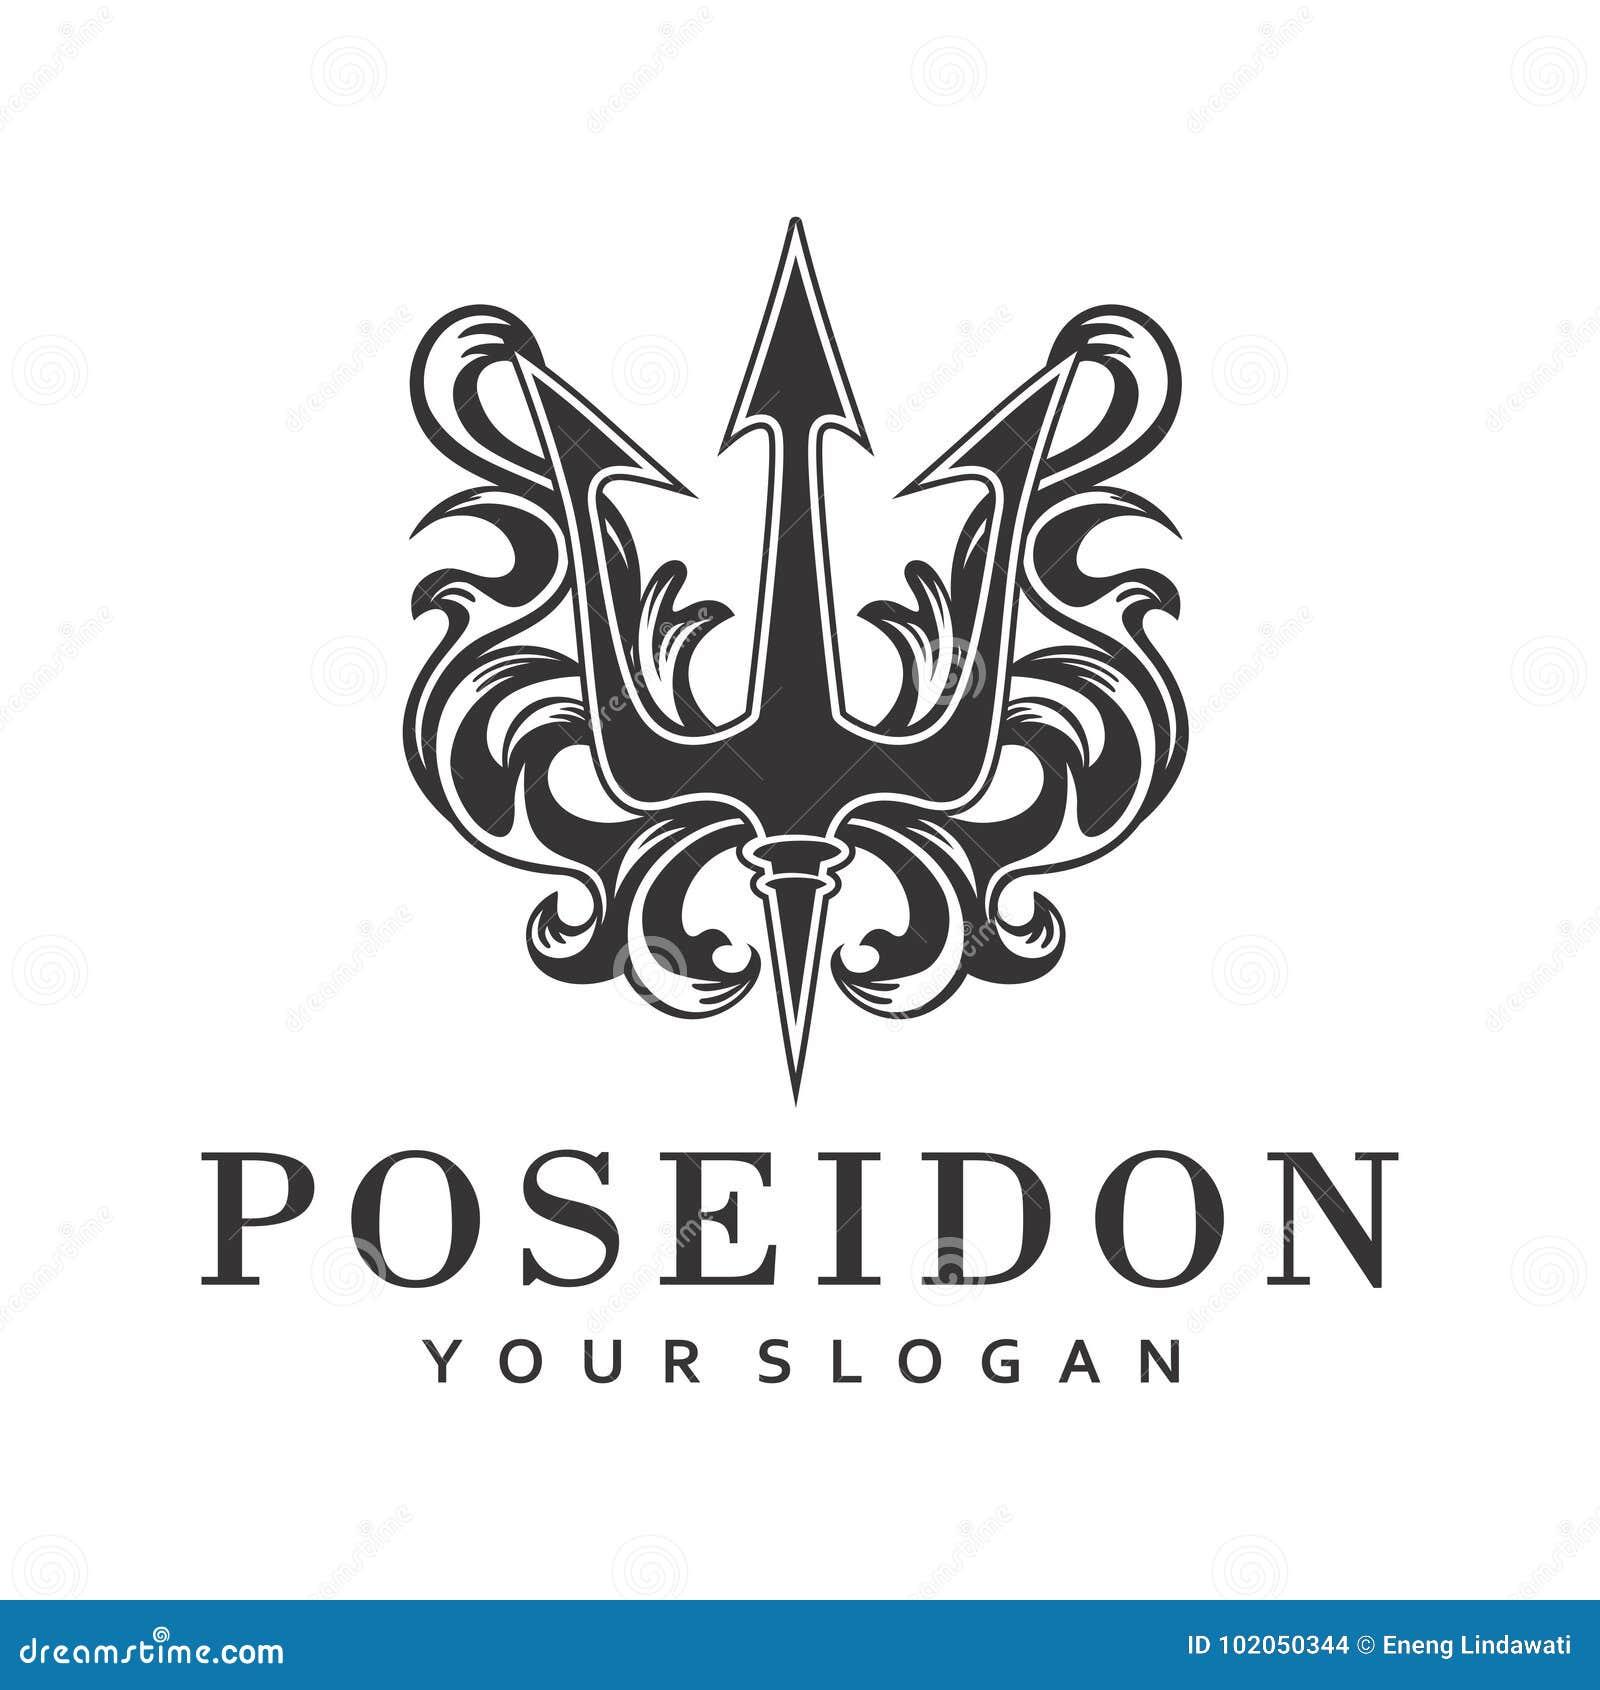 Trident Poseidon Stock Illustration Illustration Of Illustration